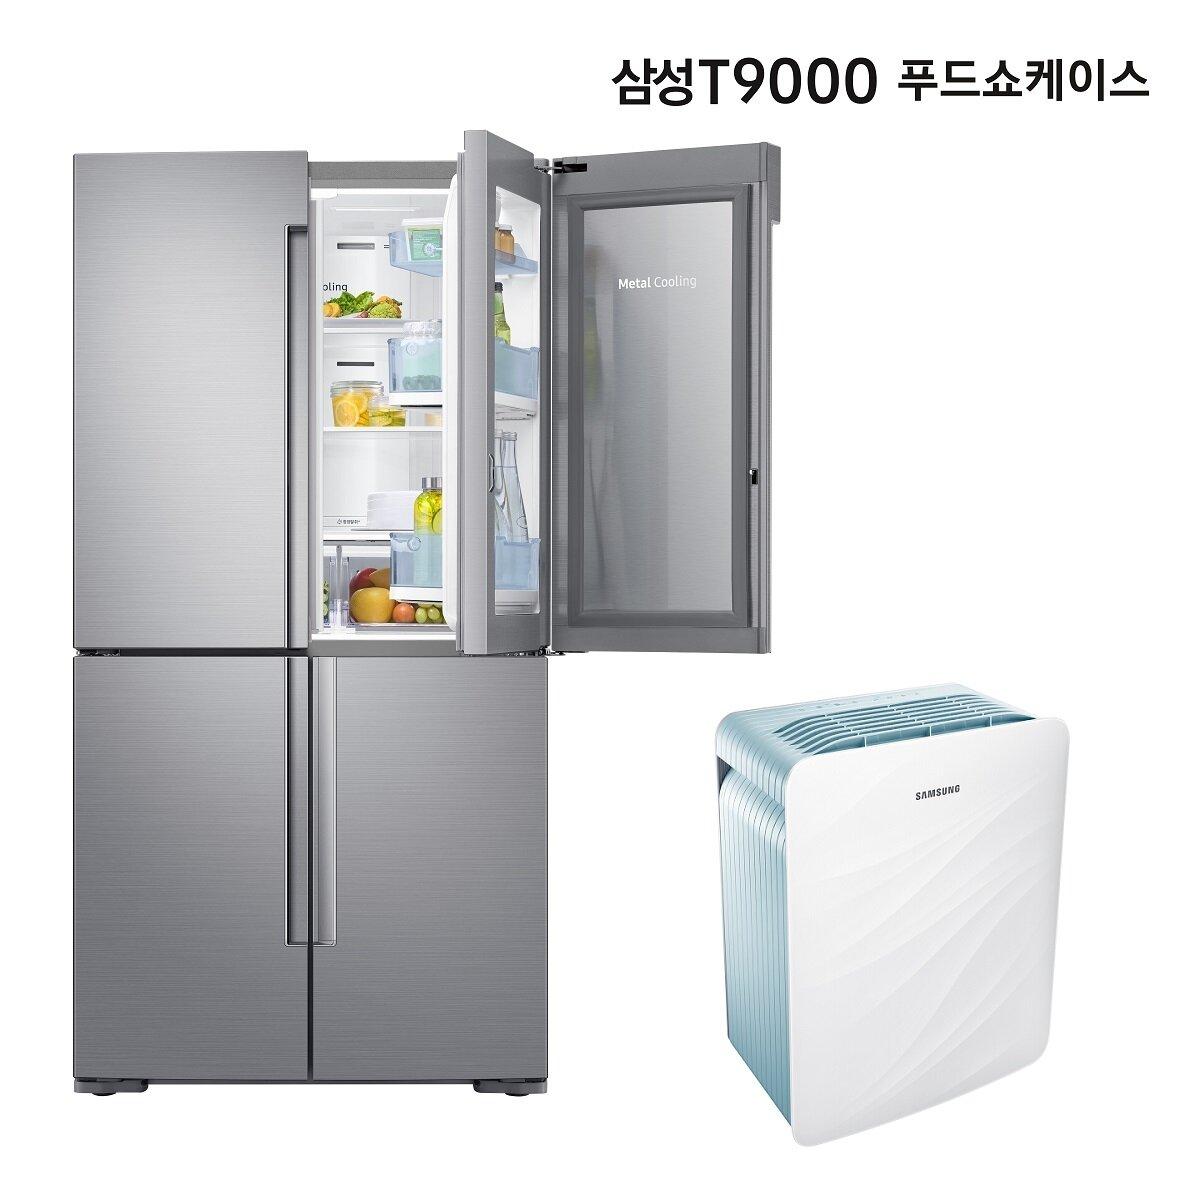 (+삼성 공기청정기) 삼성 냉장고 T9000 푸드쇼케이스 RF84R9203S8 (5도어/848L/맞춤보관실)